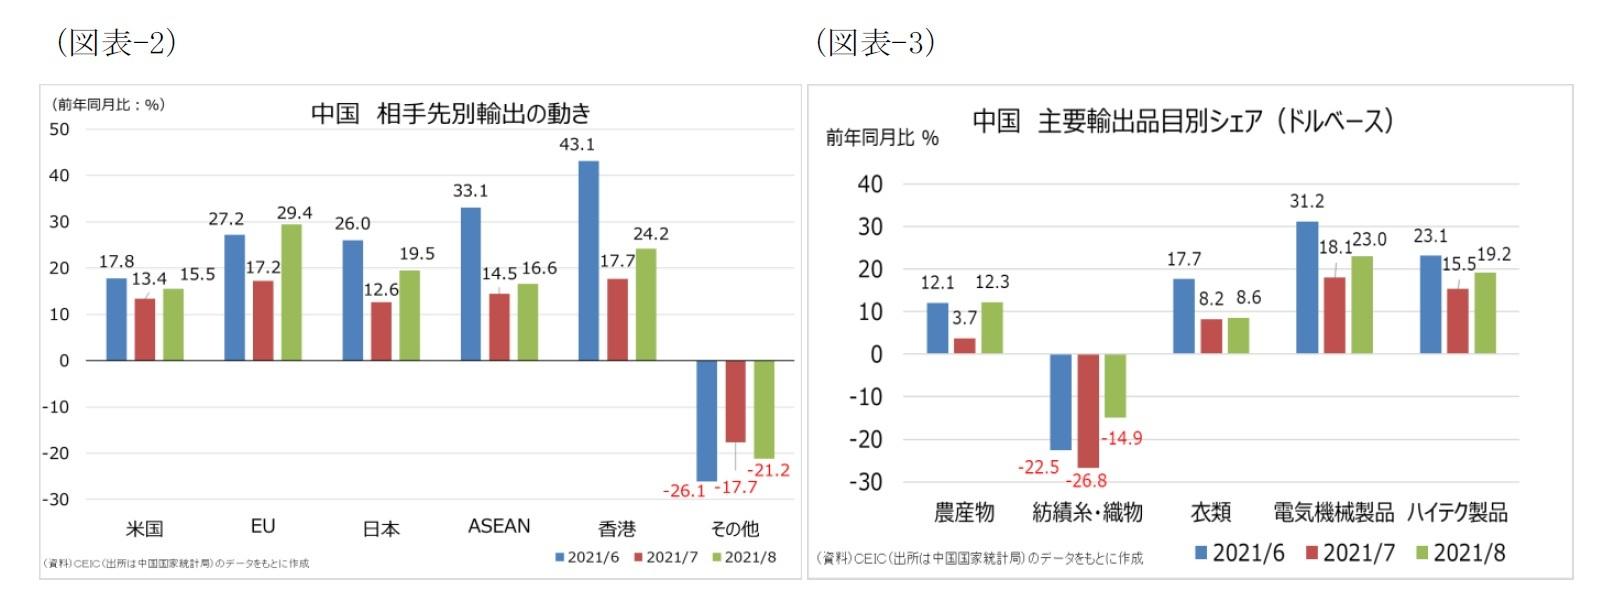 (図表-2)中国 相手先別輸出の動き/(図表-3)中国 主要輸出品目別シェア(ドルベース)